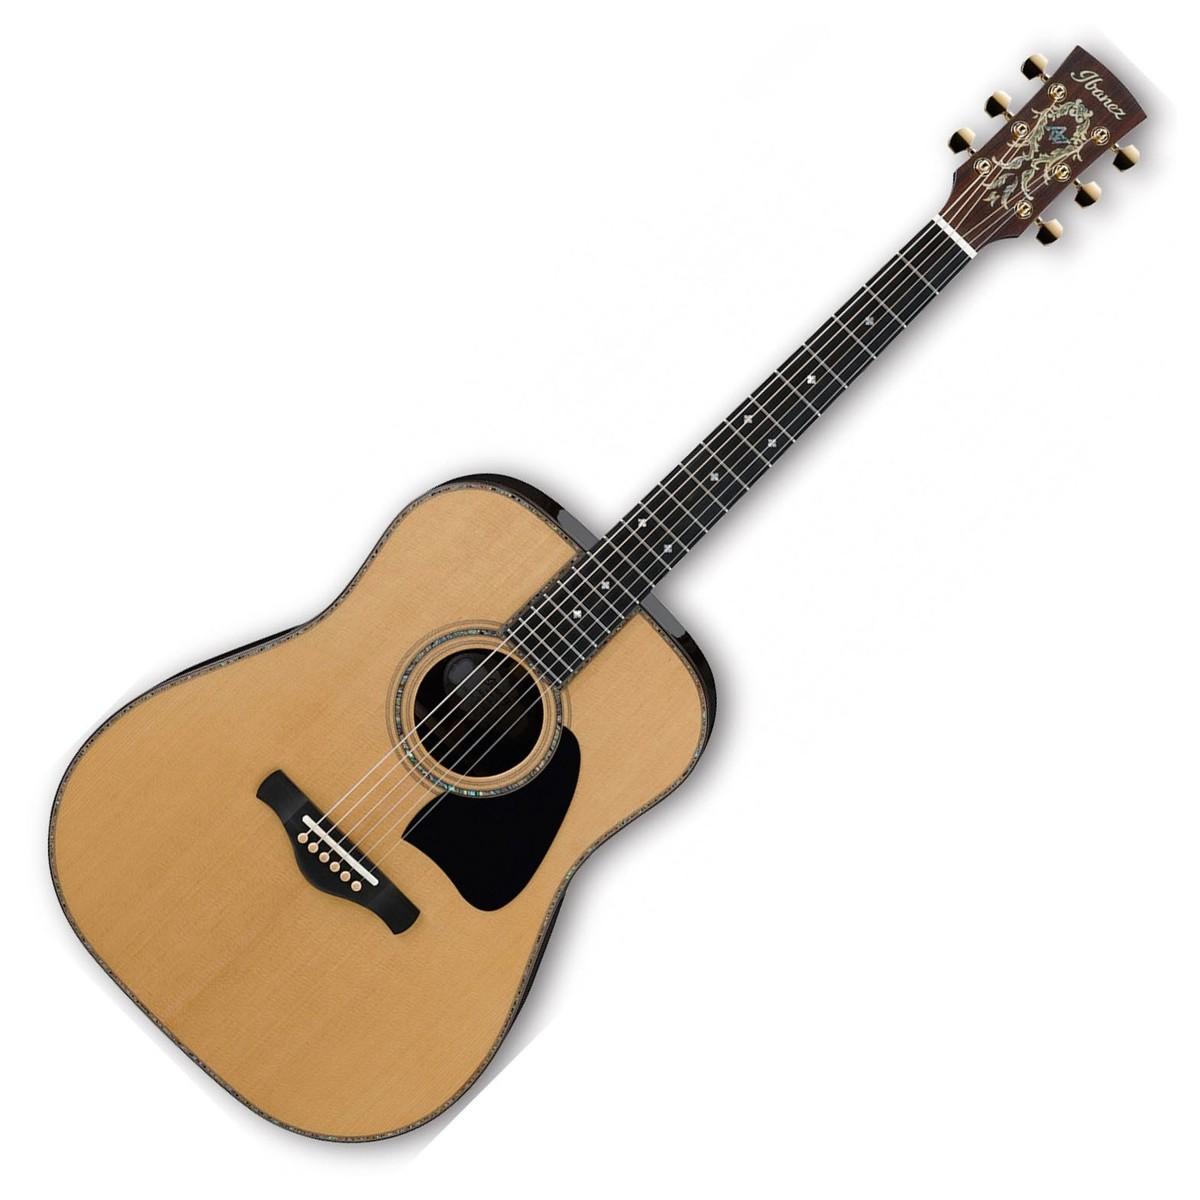 ibanez kitarat ilmainen livekamera